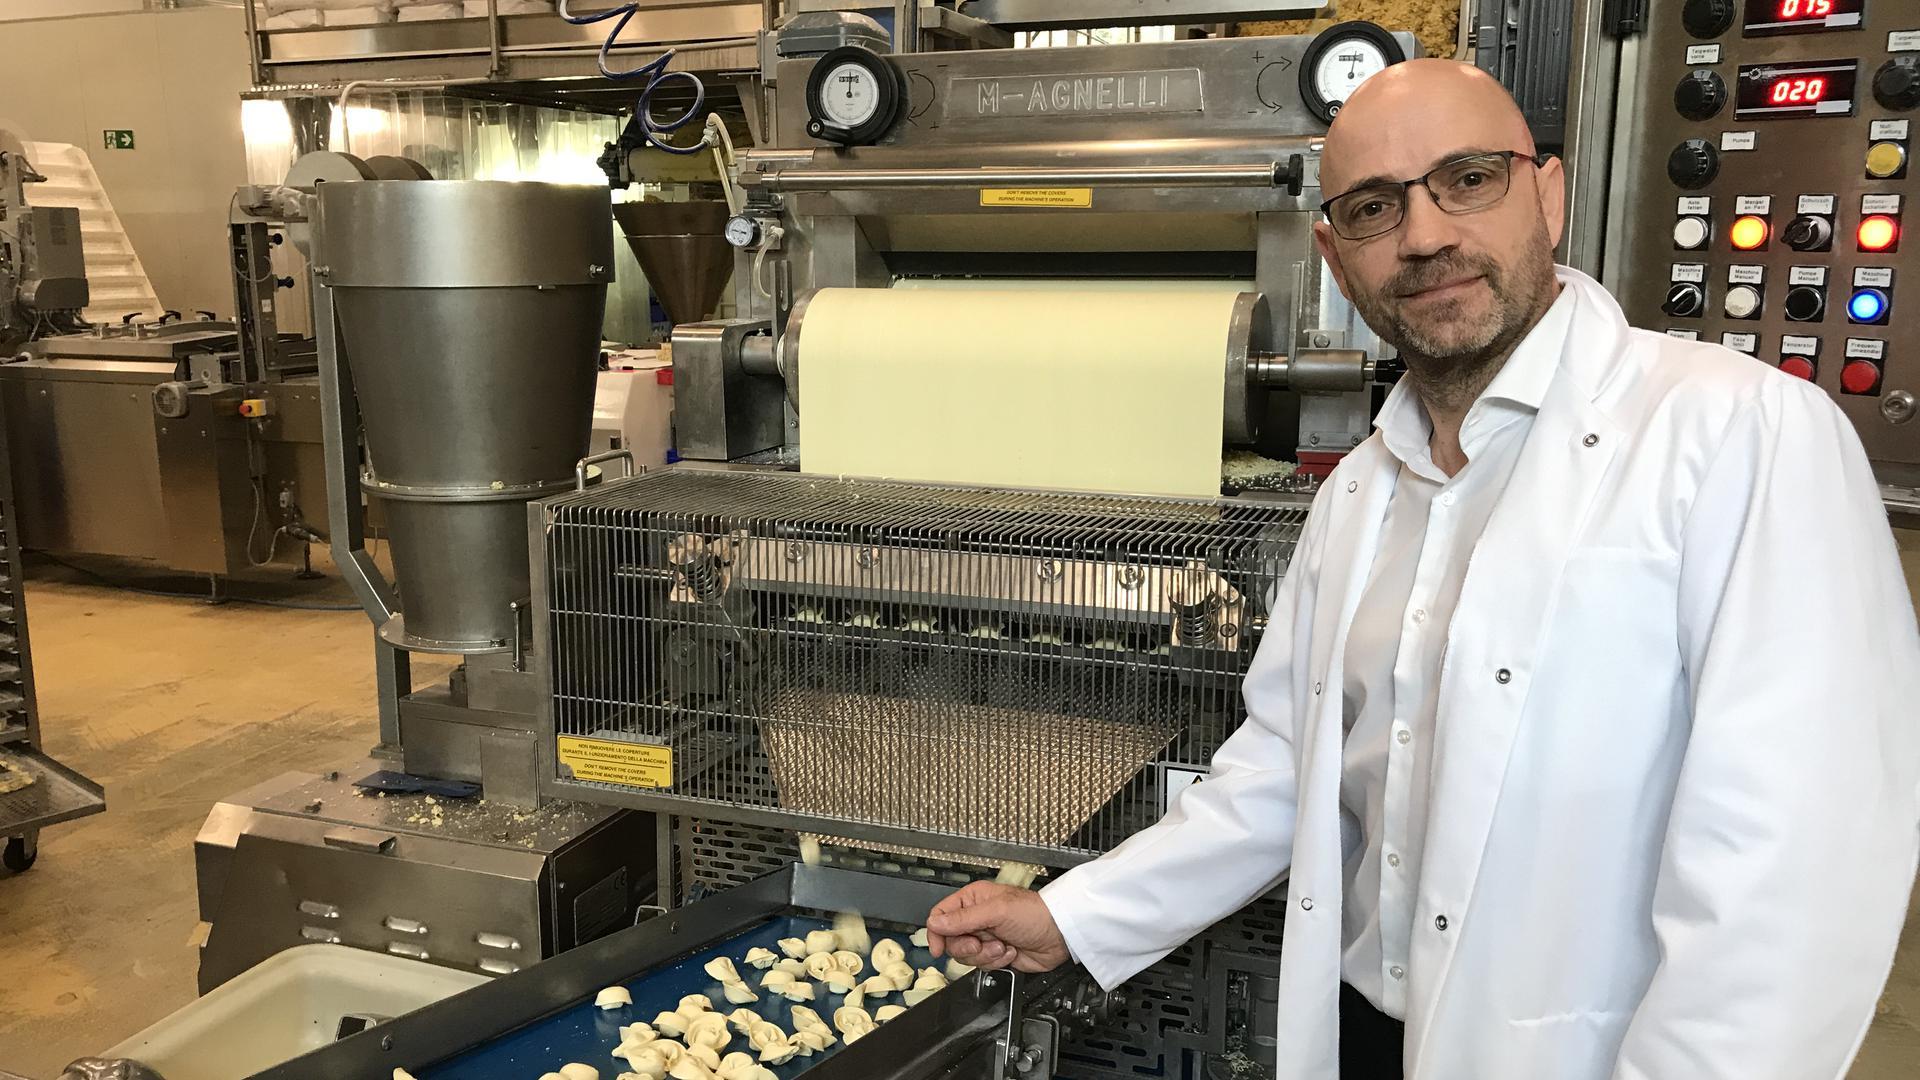 Alles aus einem Guss: Vom veganen Teig bis zur Füllung entstehen unter Beobachtung von Geschäftsführer Claudio Mossa in Graben-Neudorf rund 30 bis 40 Tonnen Pasta pro Woche.